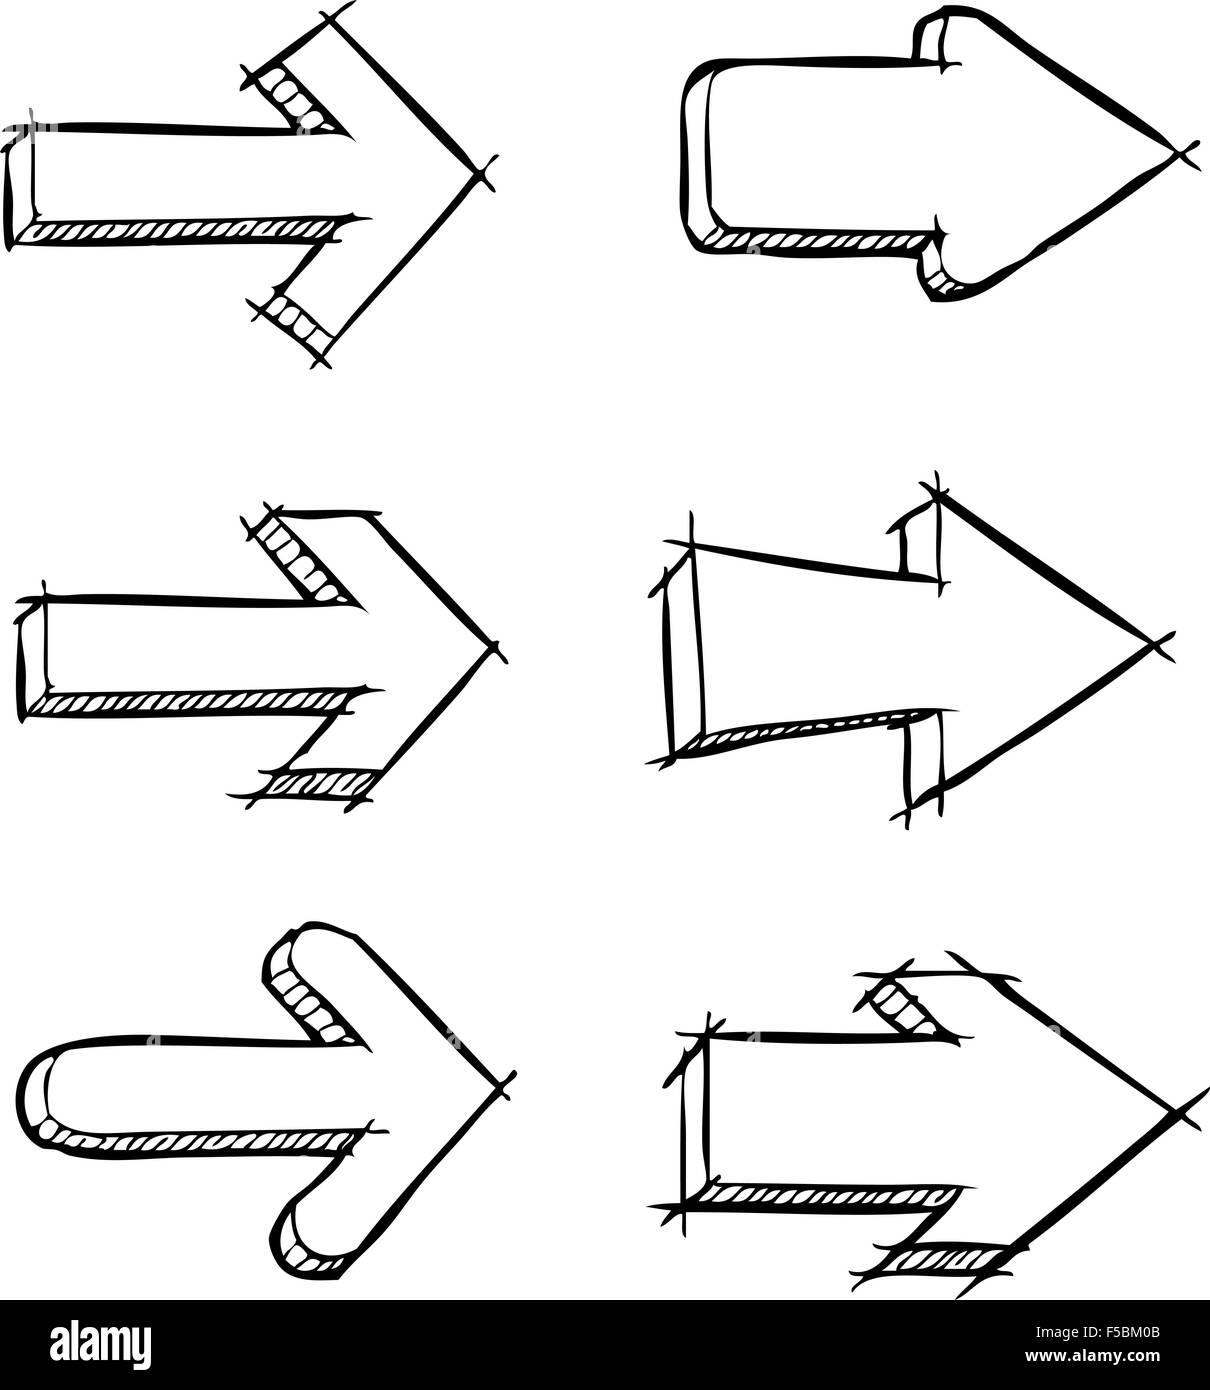 Una serie di frecce disegnate illustrazione vettoriale Immagini Stock